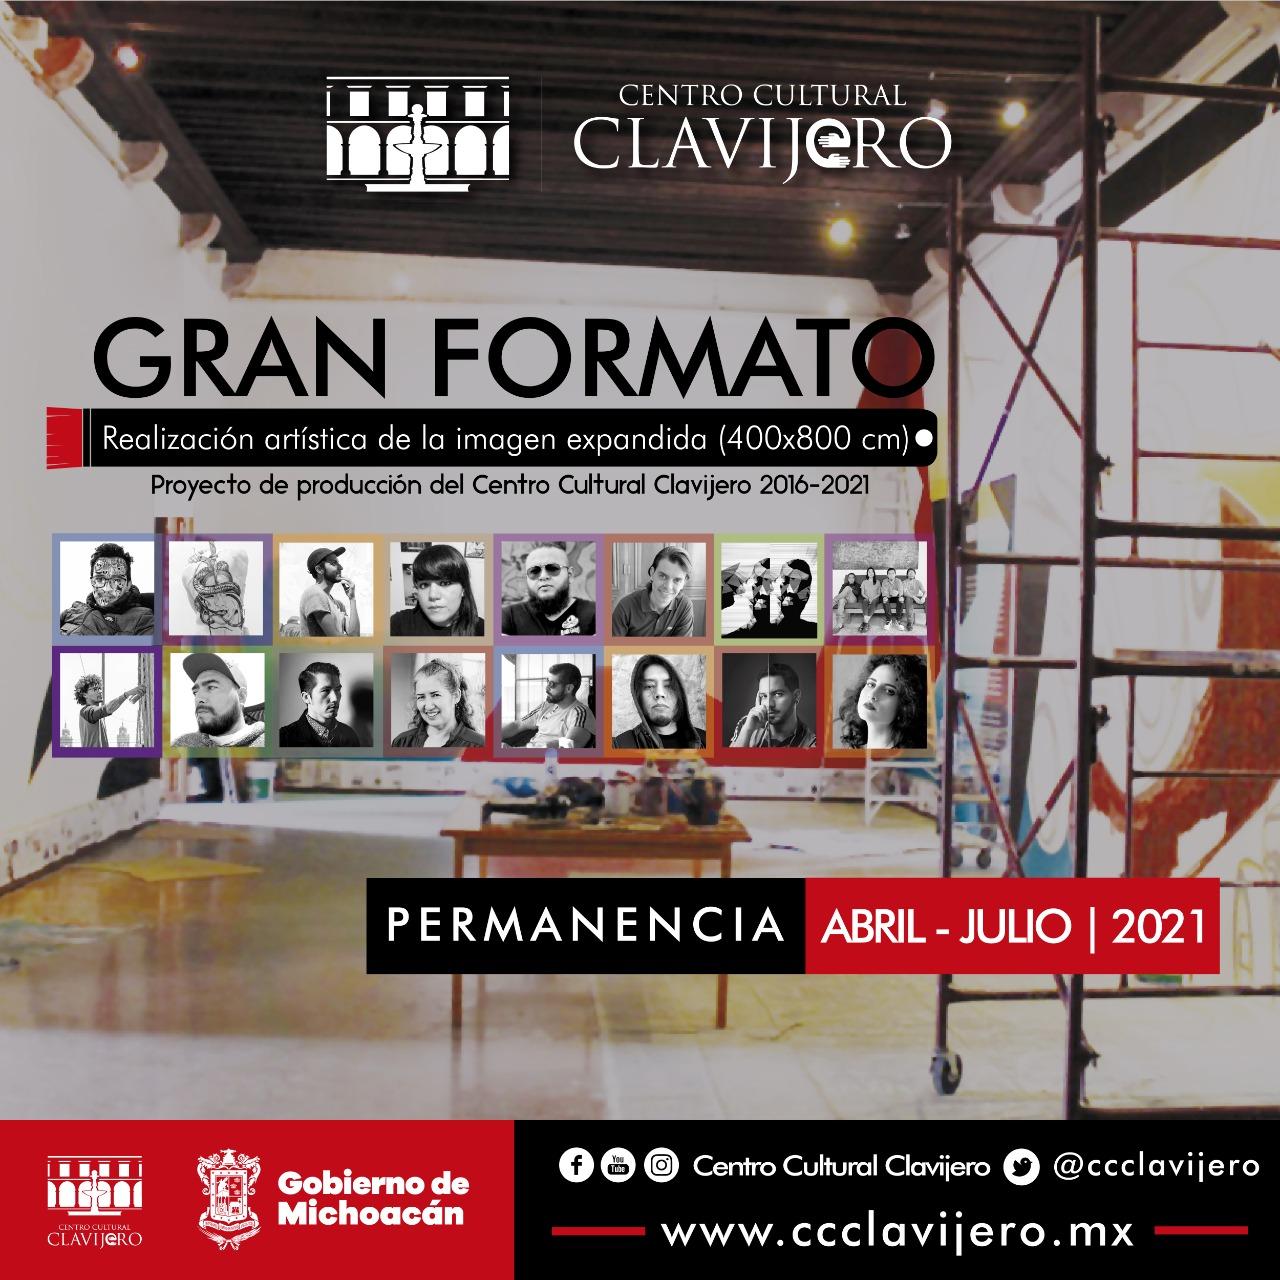 El Centro Cultural Clavijero celebrará el Día Internacional de los Museo con retrospectiva del proyecto Gran formato